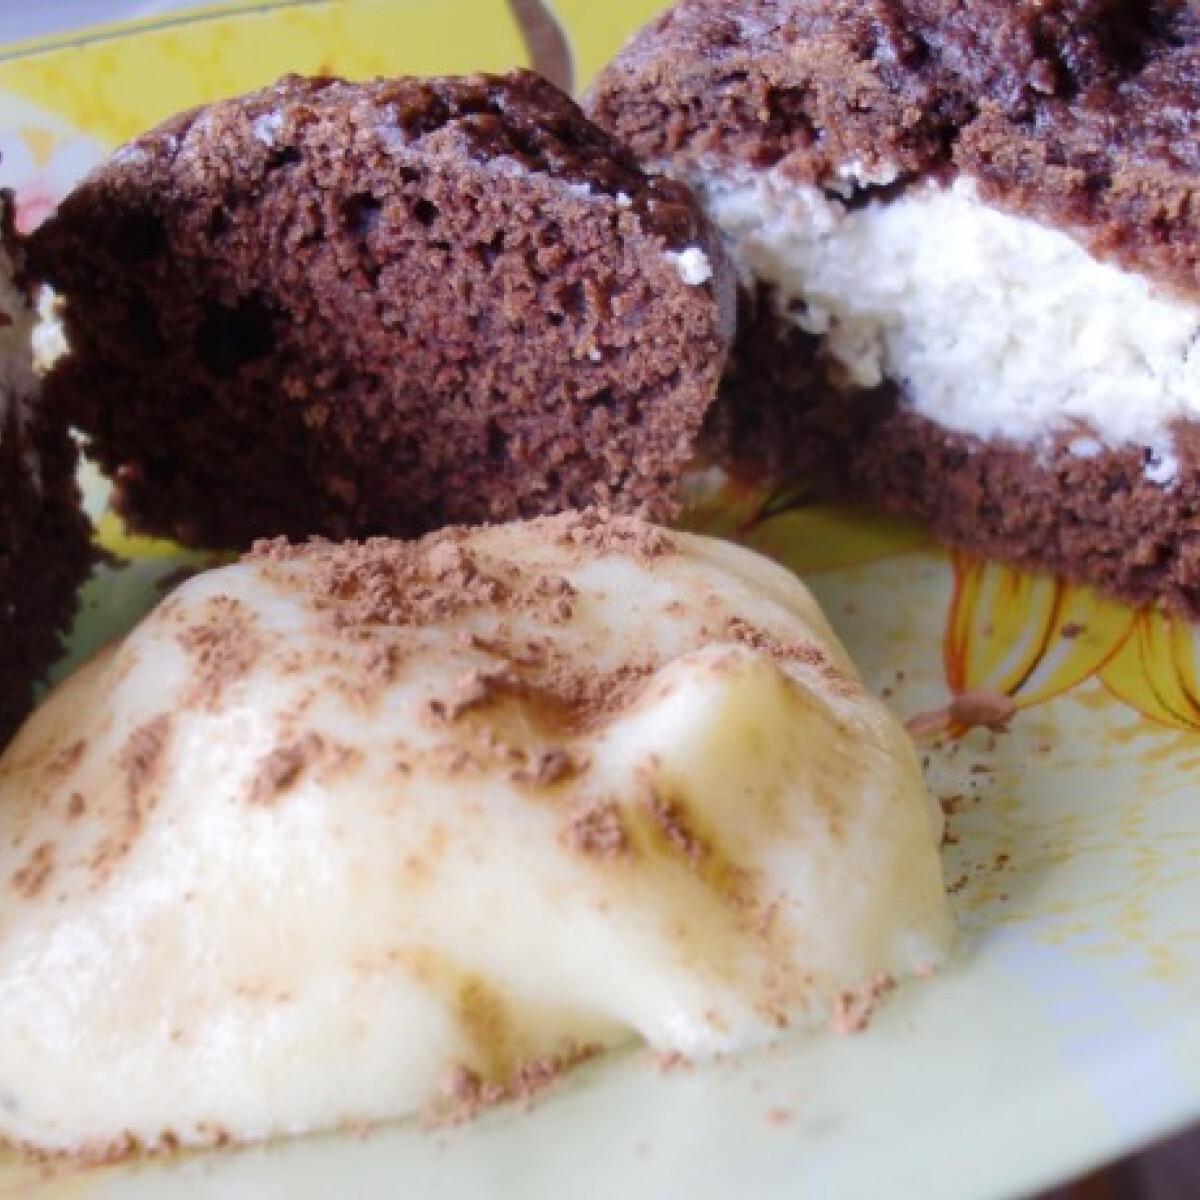 Puha kakaós muffin gluténmentesen